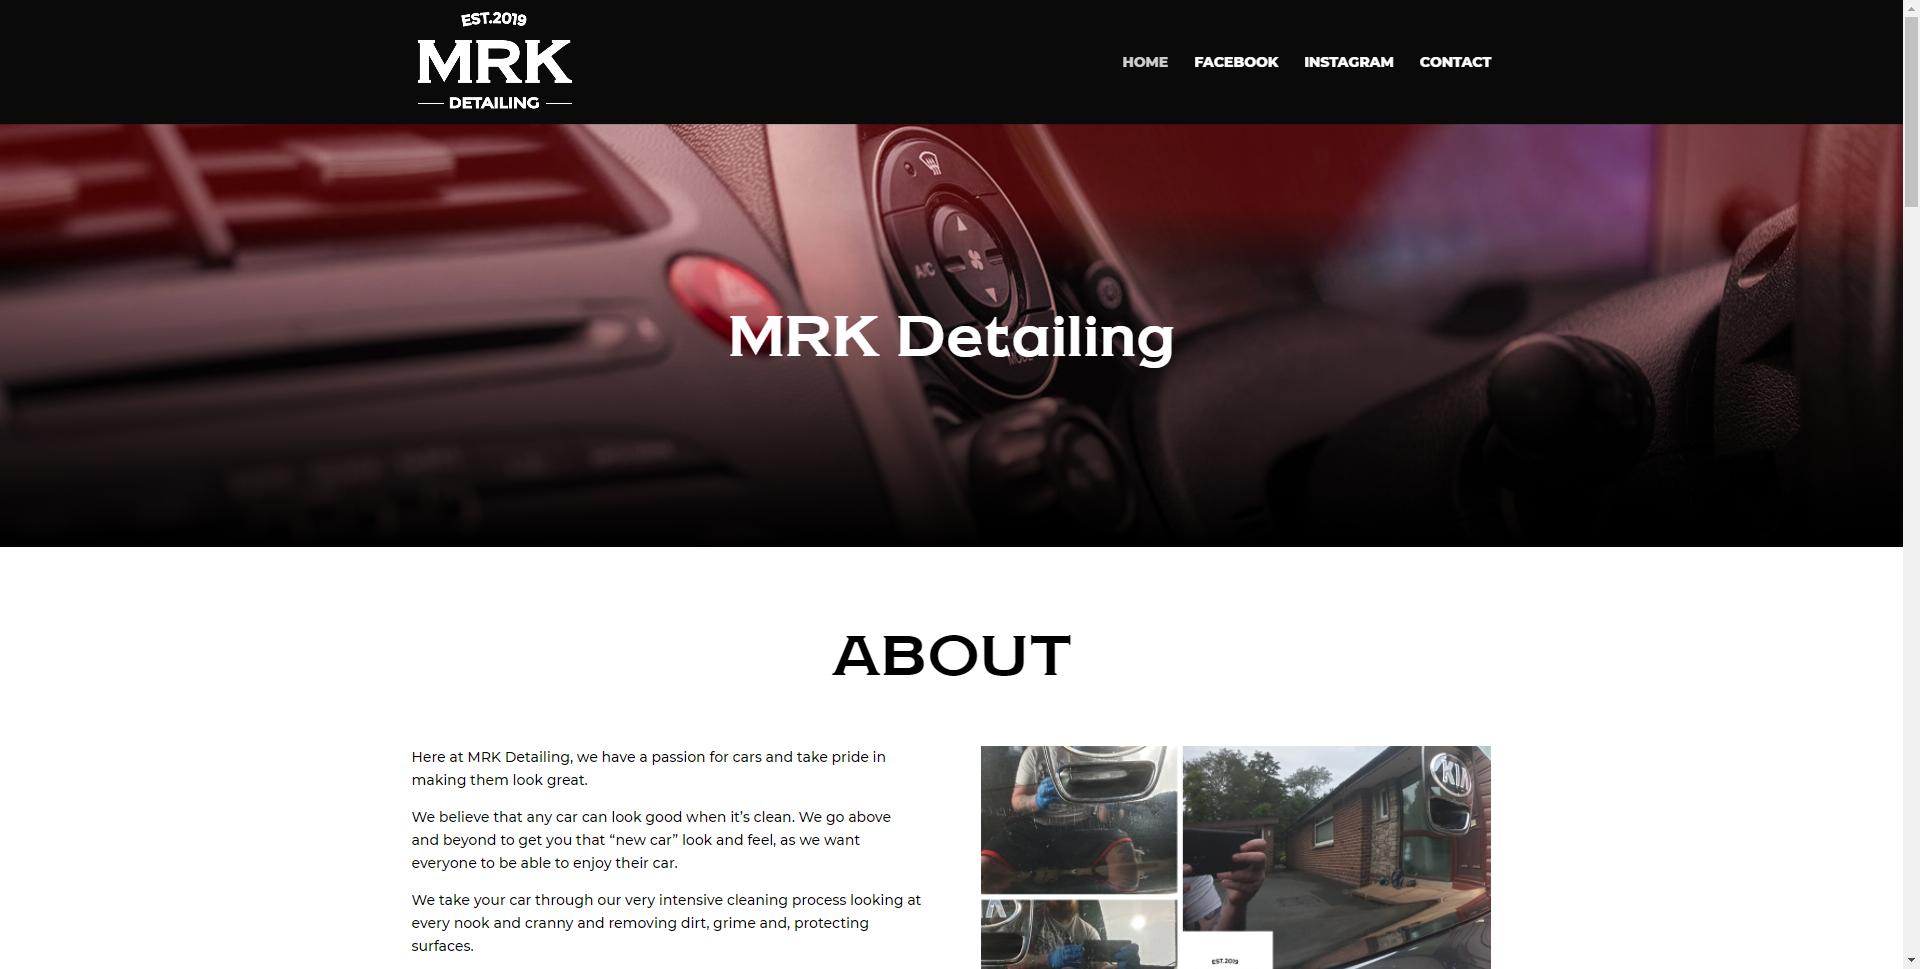 mrkdetailing.com 2 Websites